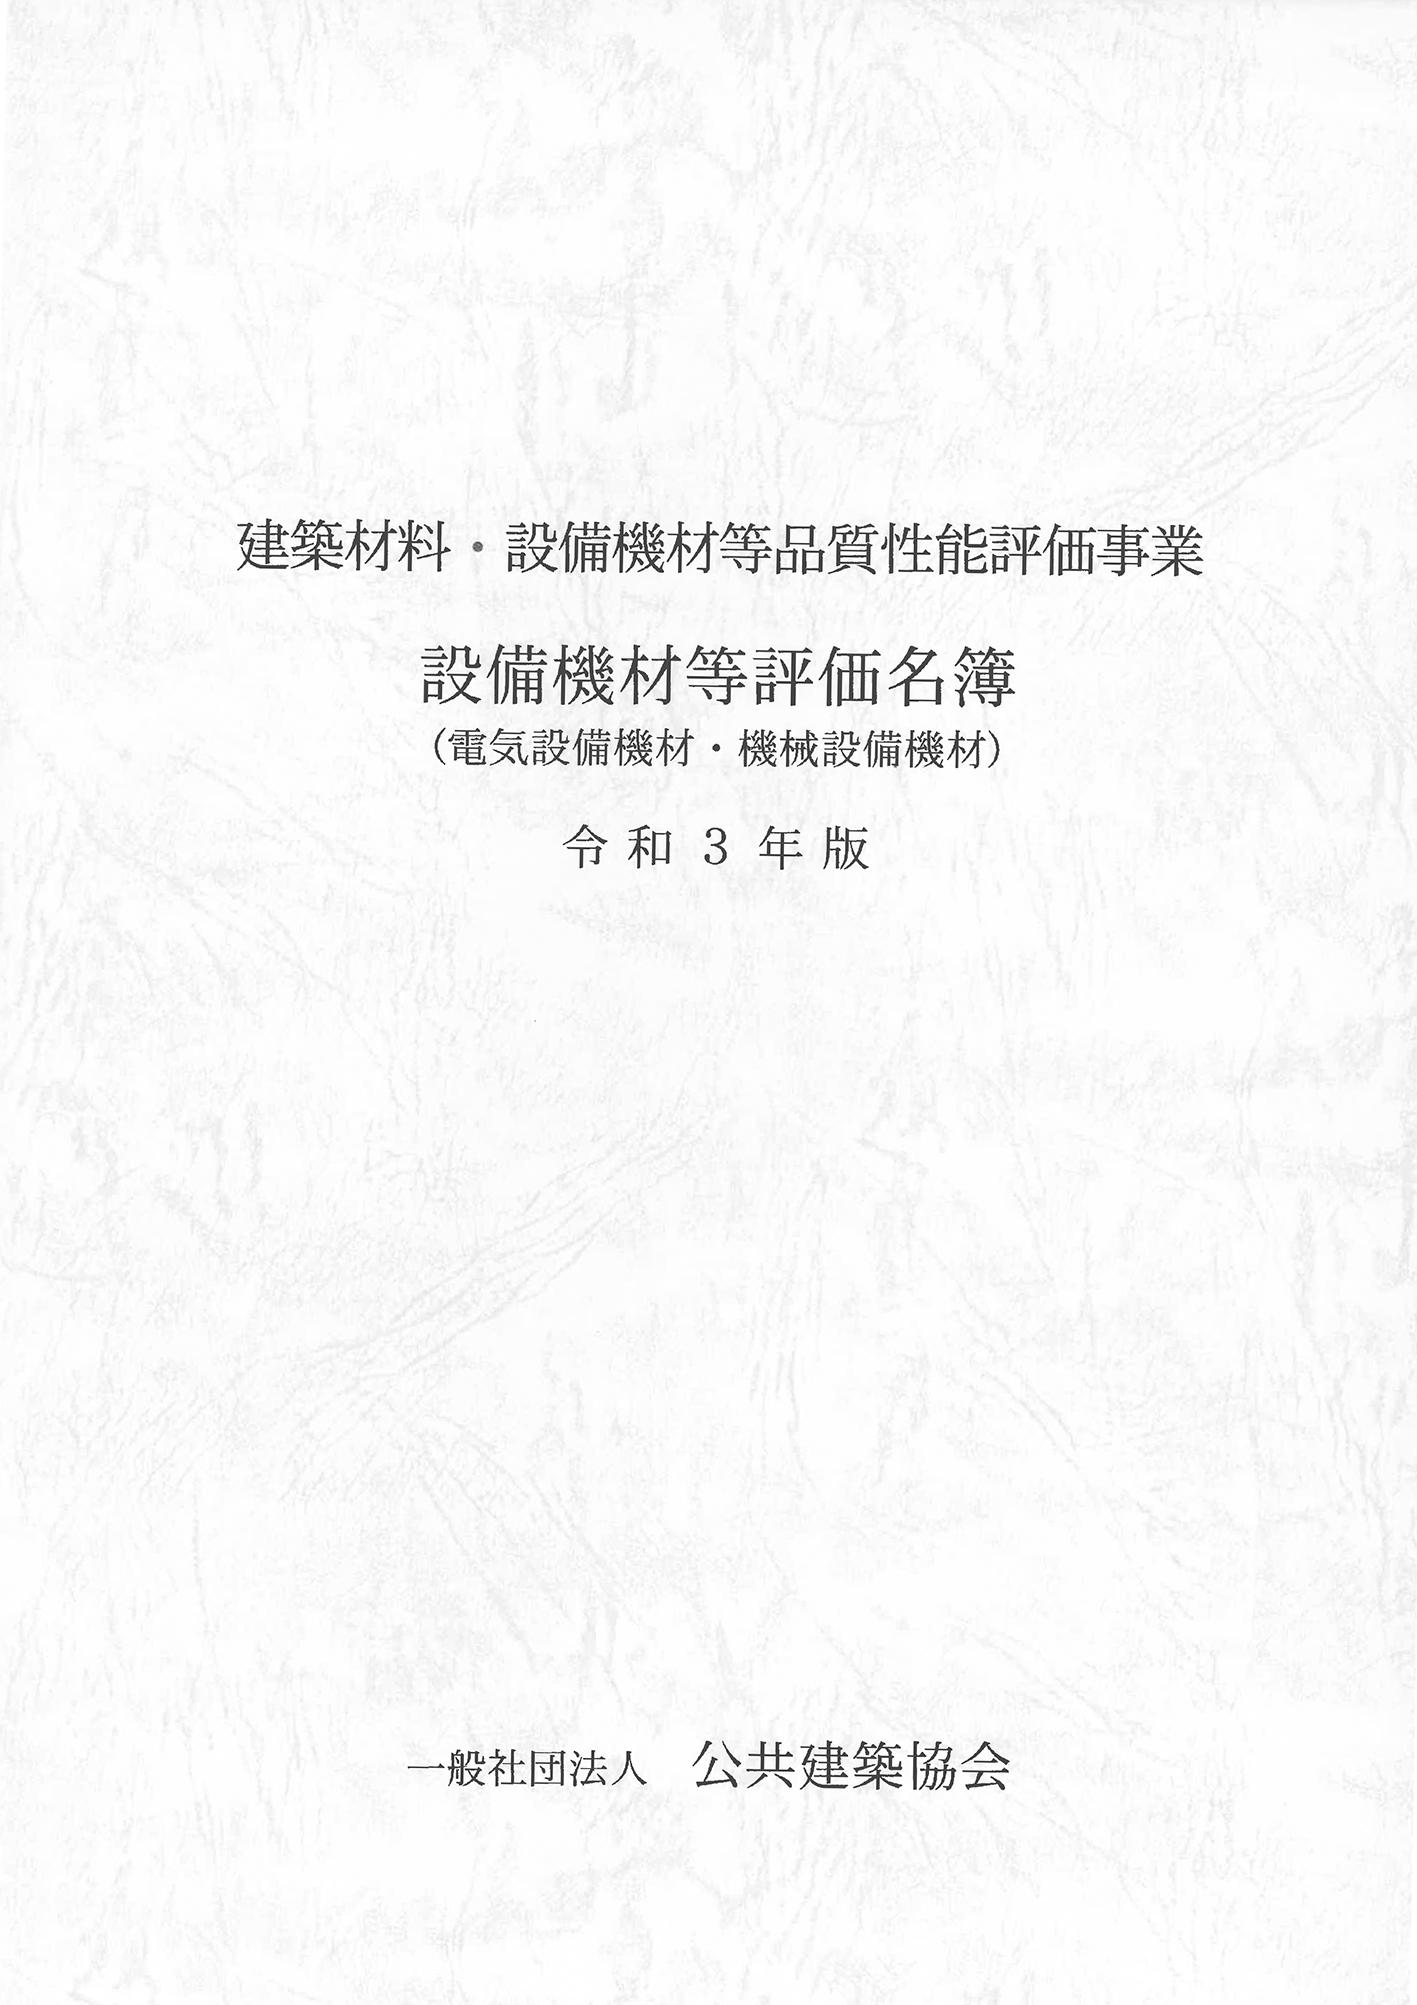 建築材料・設備機材等品質性能評価事業 設備機材等評価名簿(電気設備機材・機械設備機材) 令和3年版